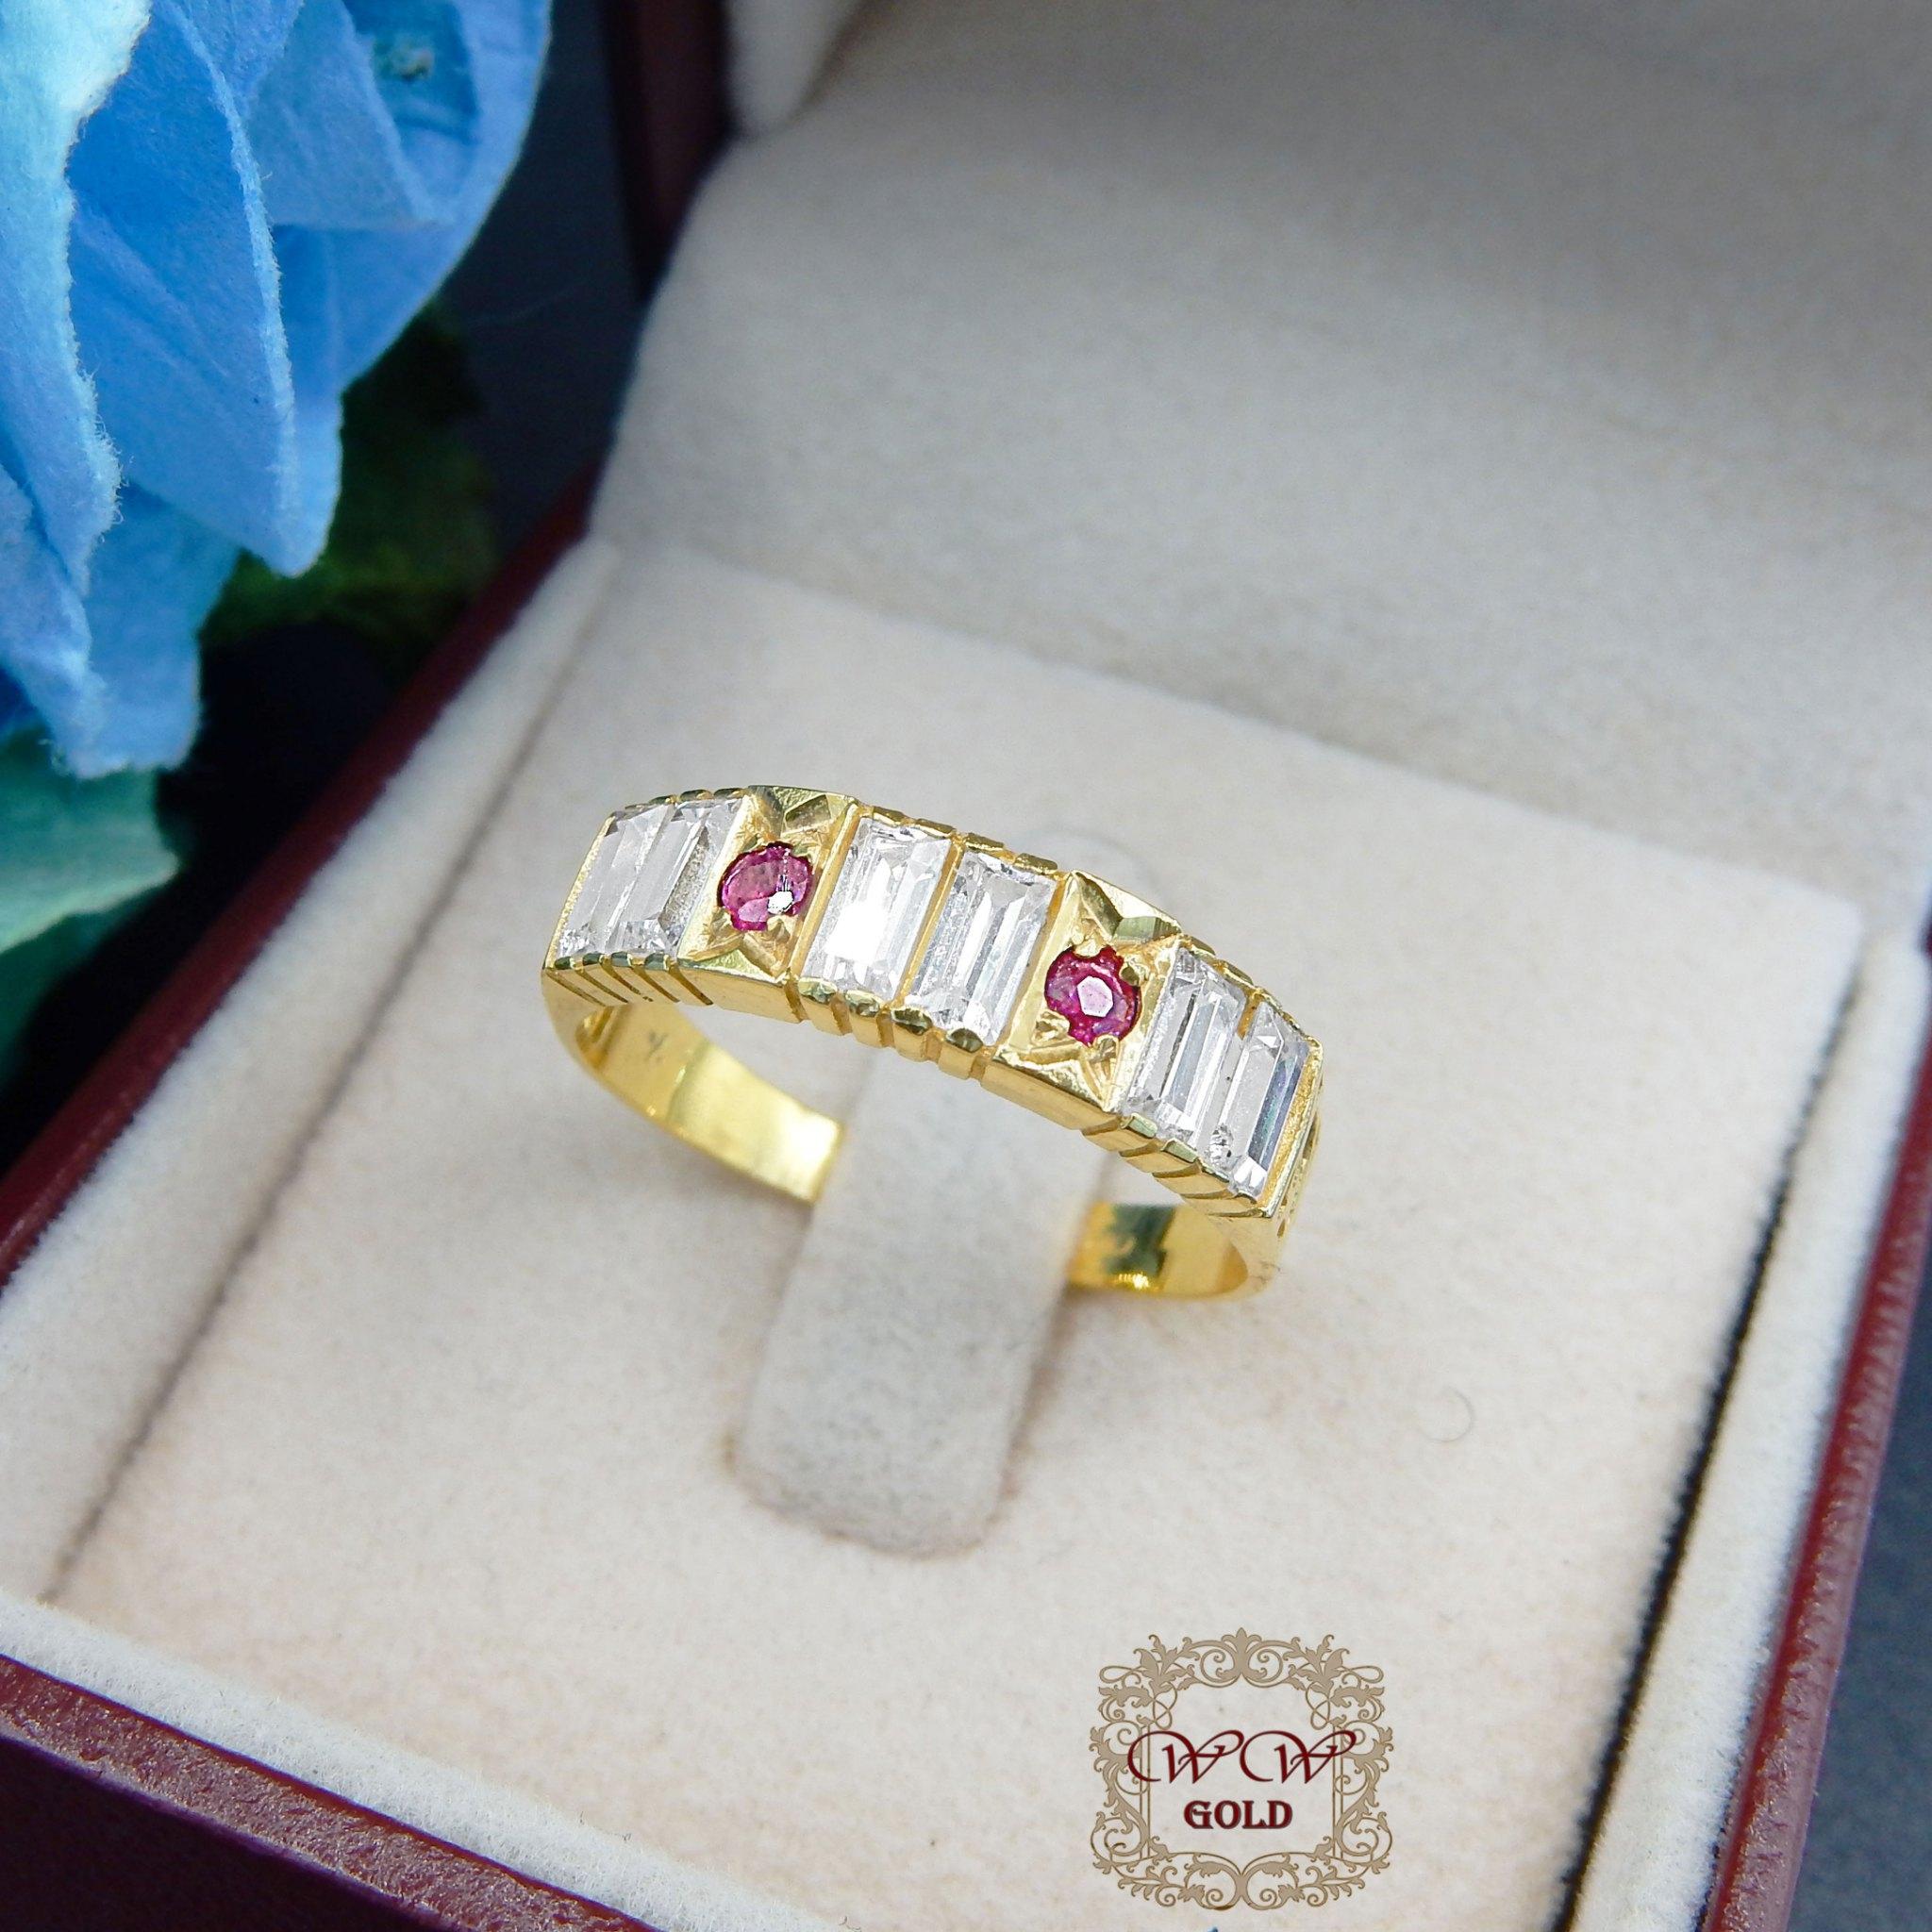 แหวนประเับทับทิมแท้+เพชรสวิสcz